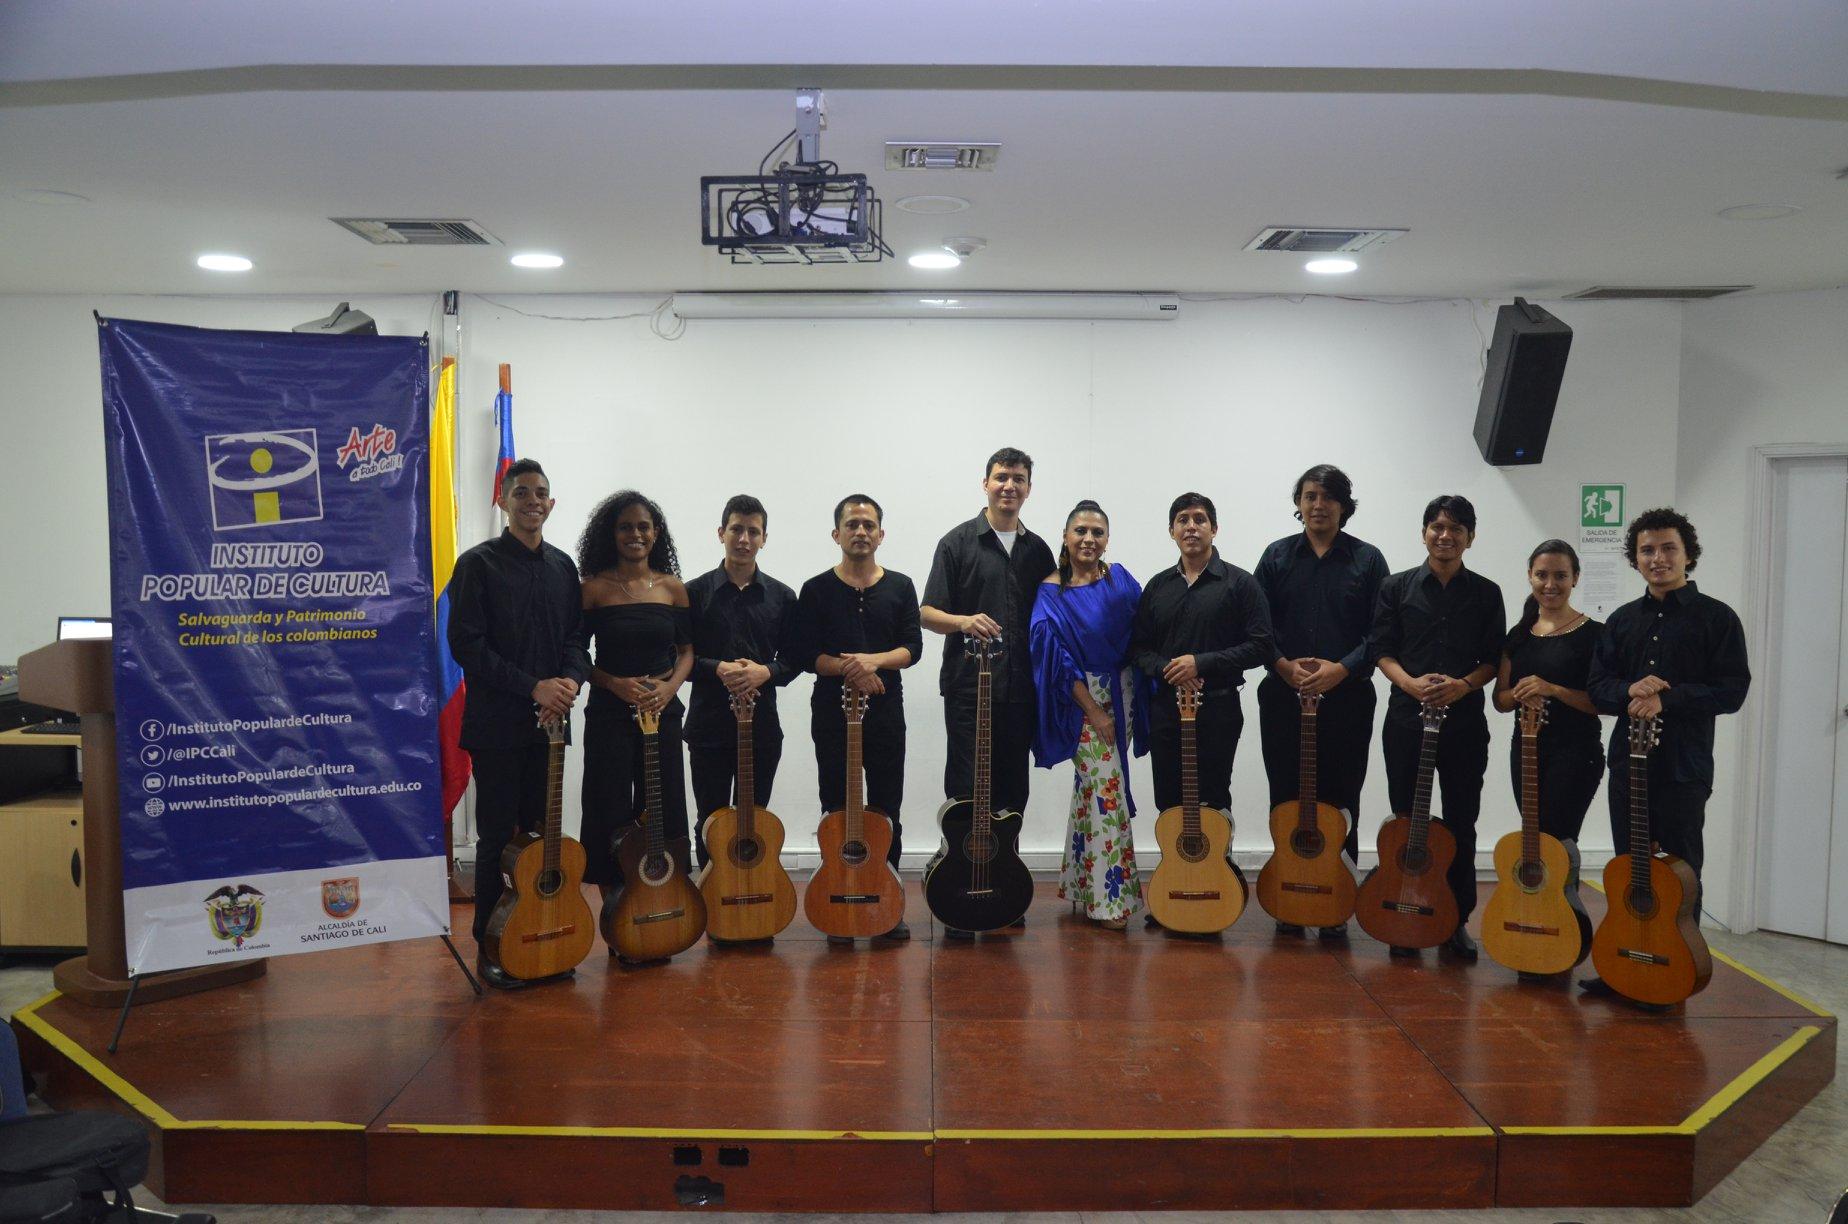 En la foto: María del Pilar Meza Díaz junto a la orquesta de guitarras de la institución y su director, el maestro Nelson Mera